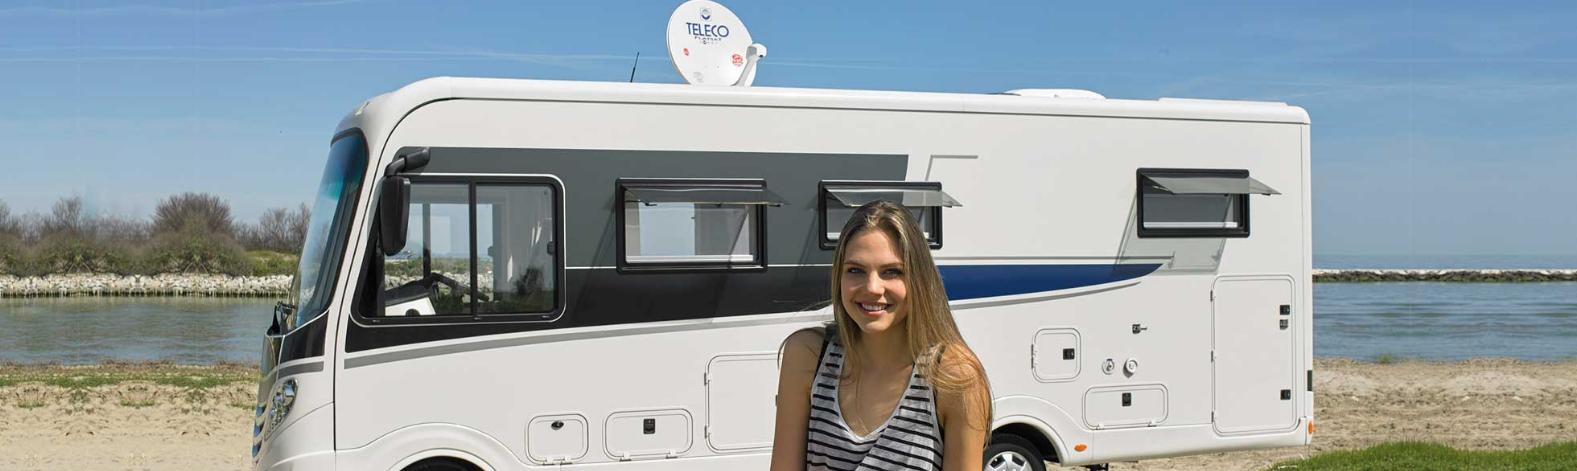 Satellietschotel Teleco voor campers bij IMT